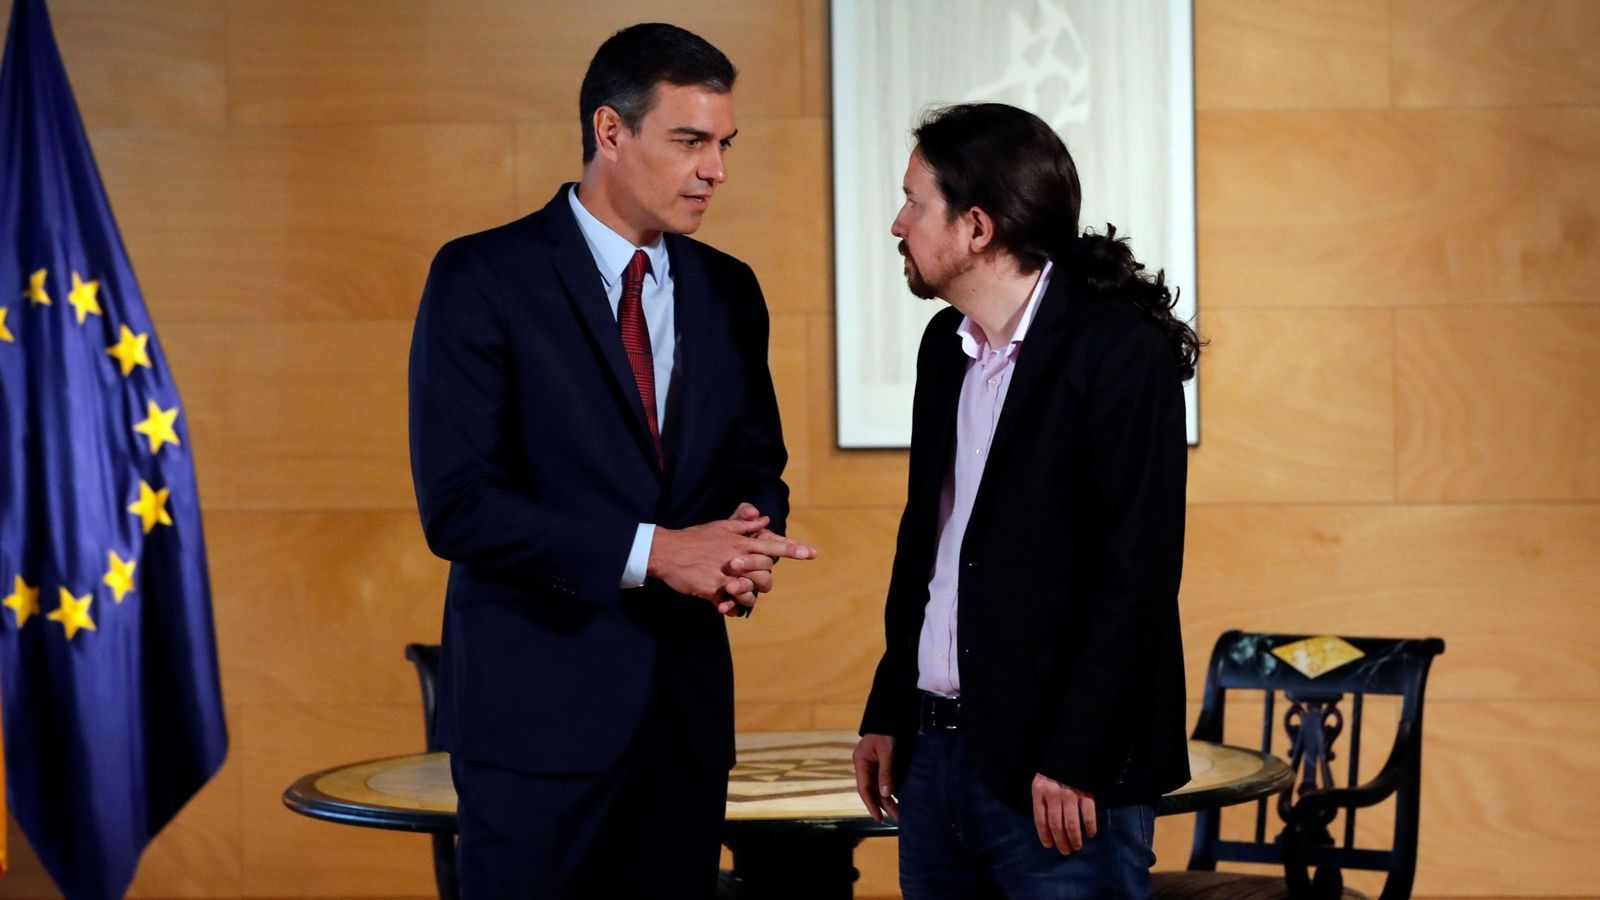 Foto: Pedro sánchez se reúne con Pablo Iglesias en Moncloa. (EFE)